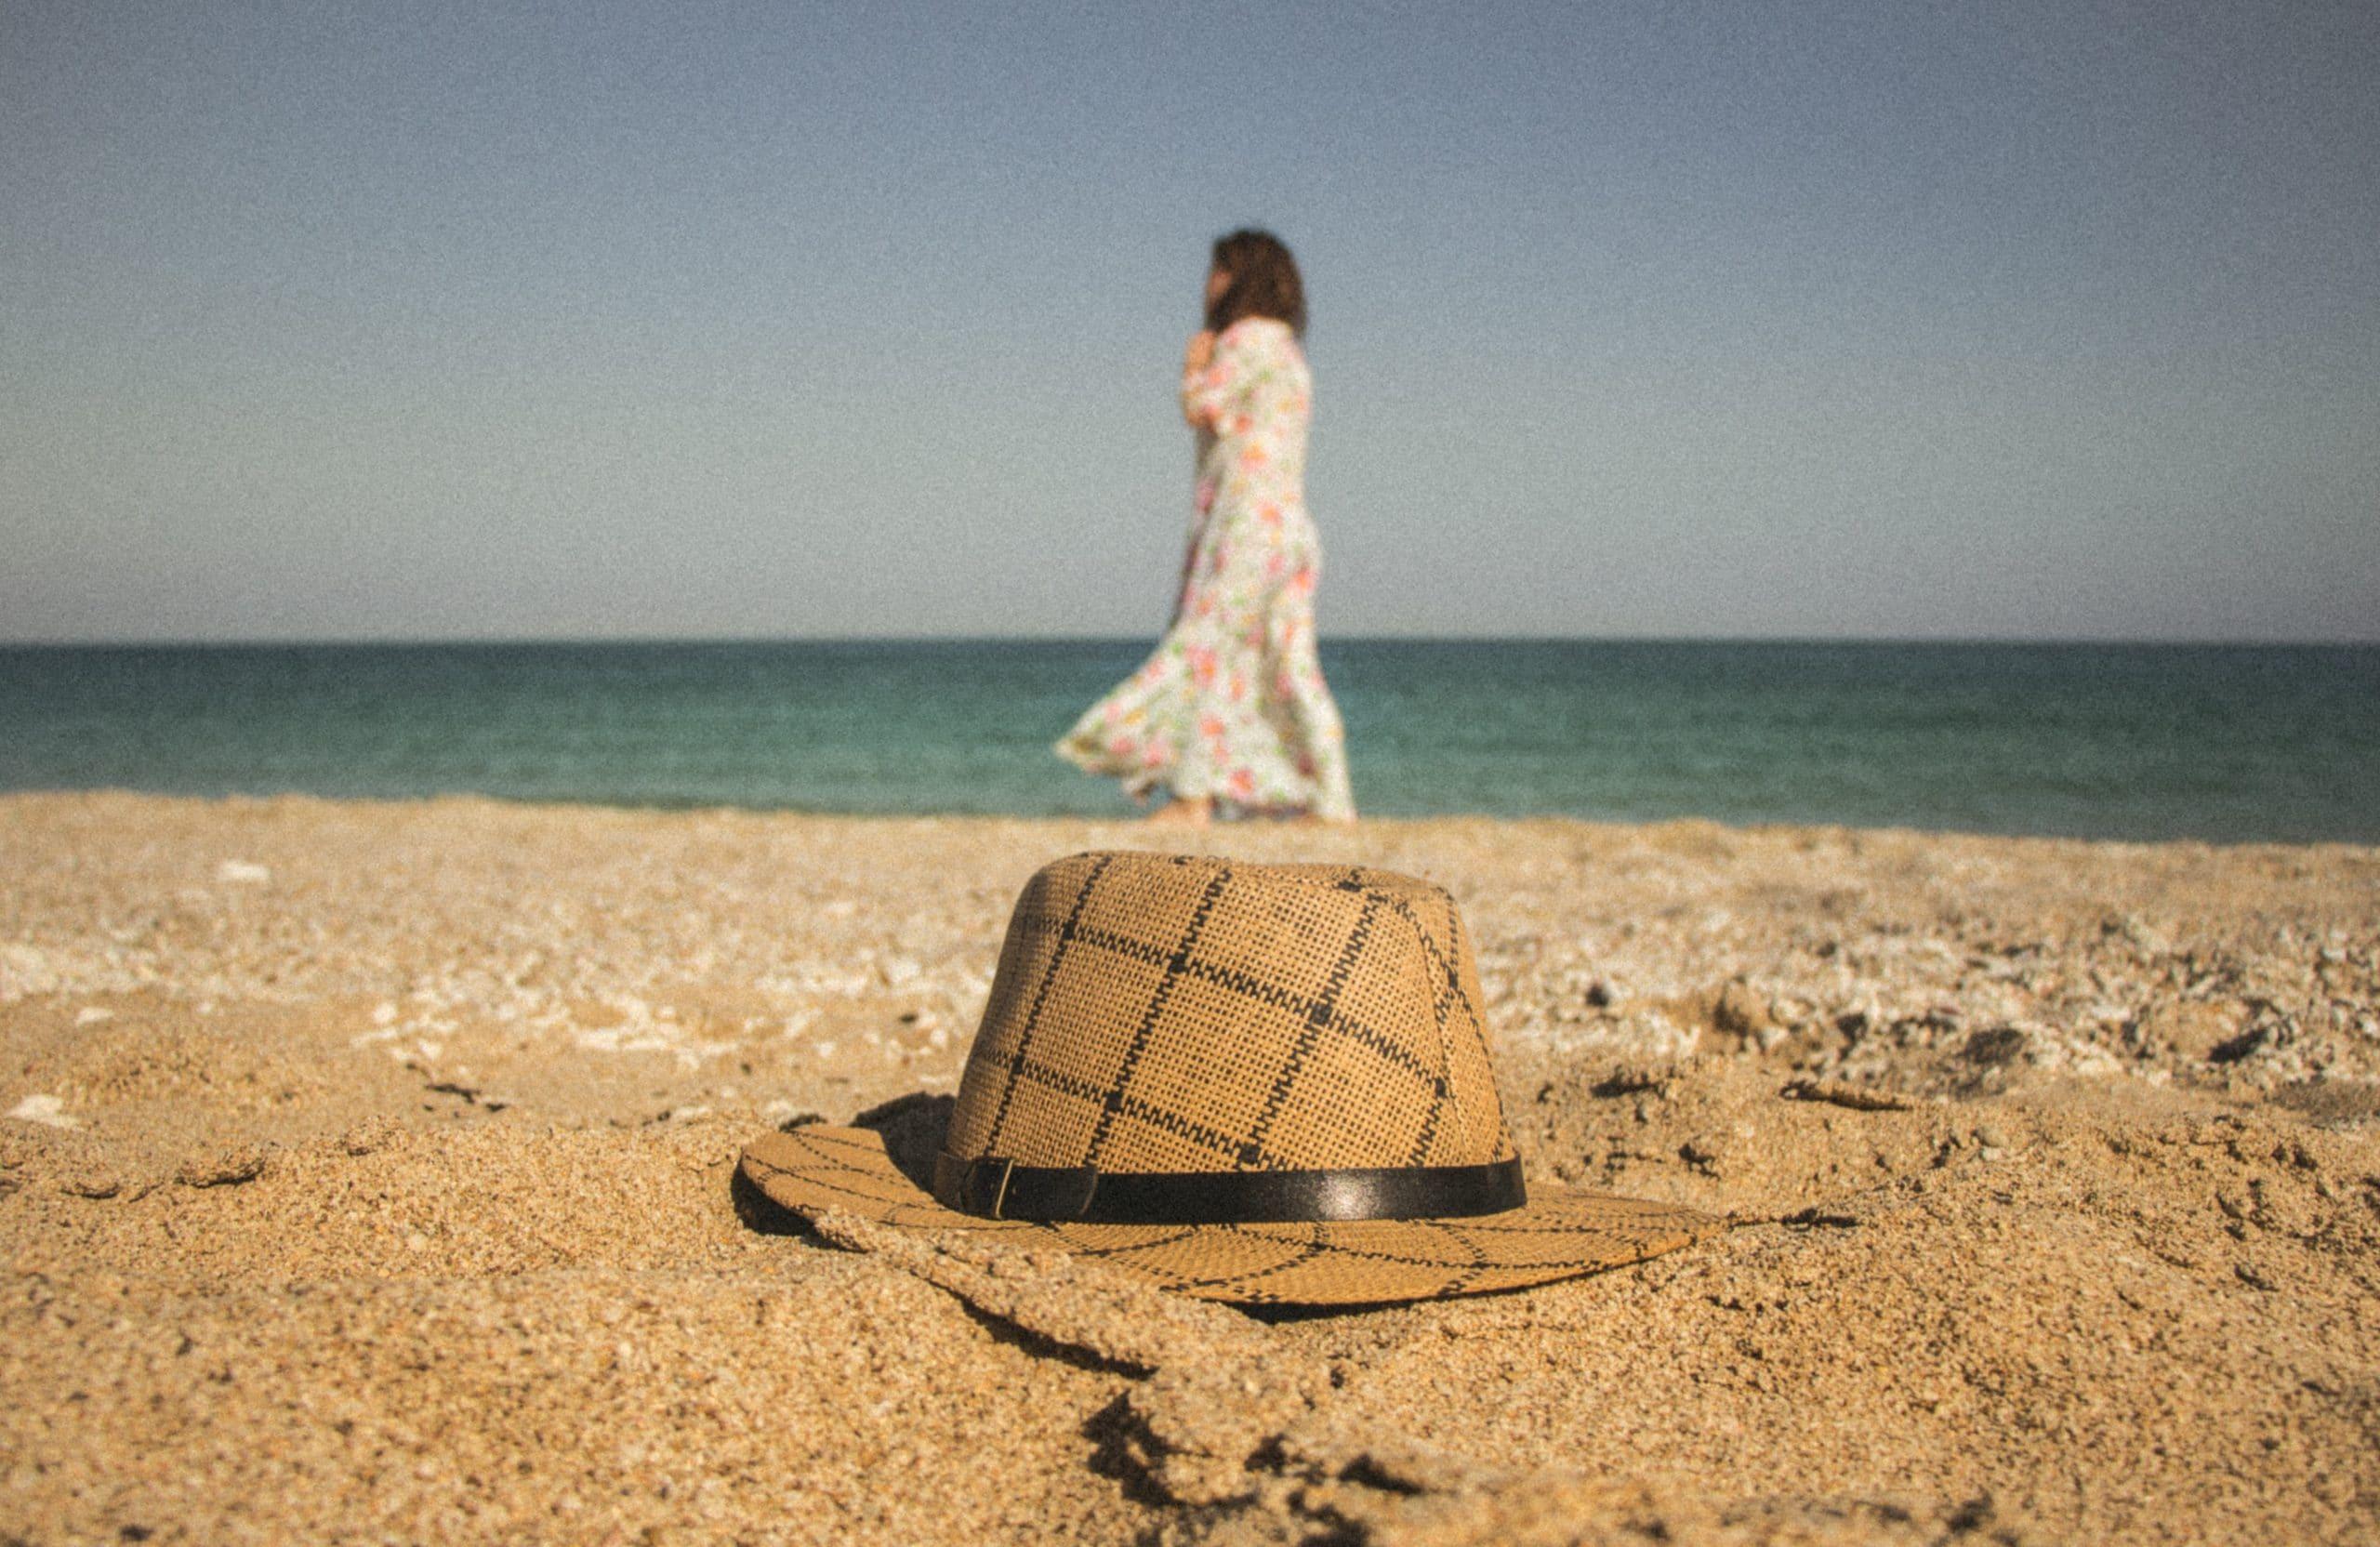 Chapéu na areia da praia com mulher atrás.